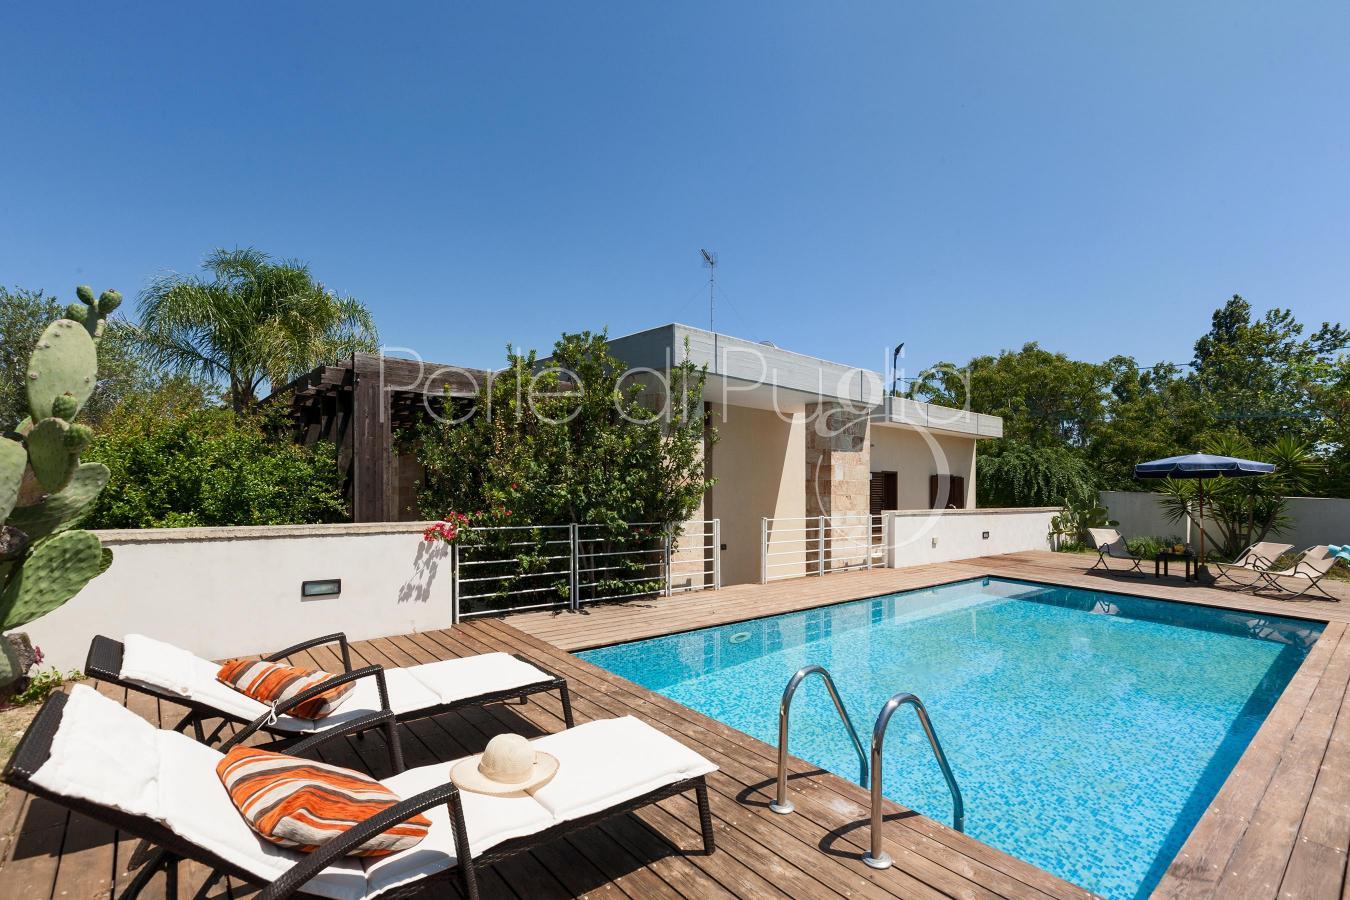 Villa con piscina e giardino a torre dell orso villa cala bianca - Villa con piscina ...